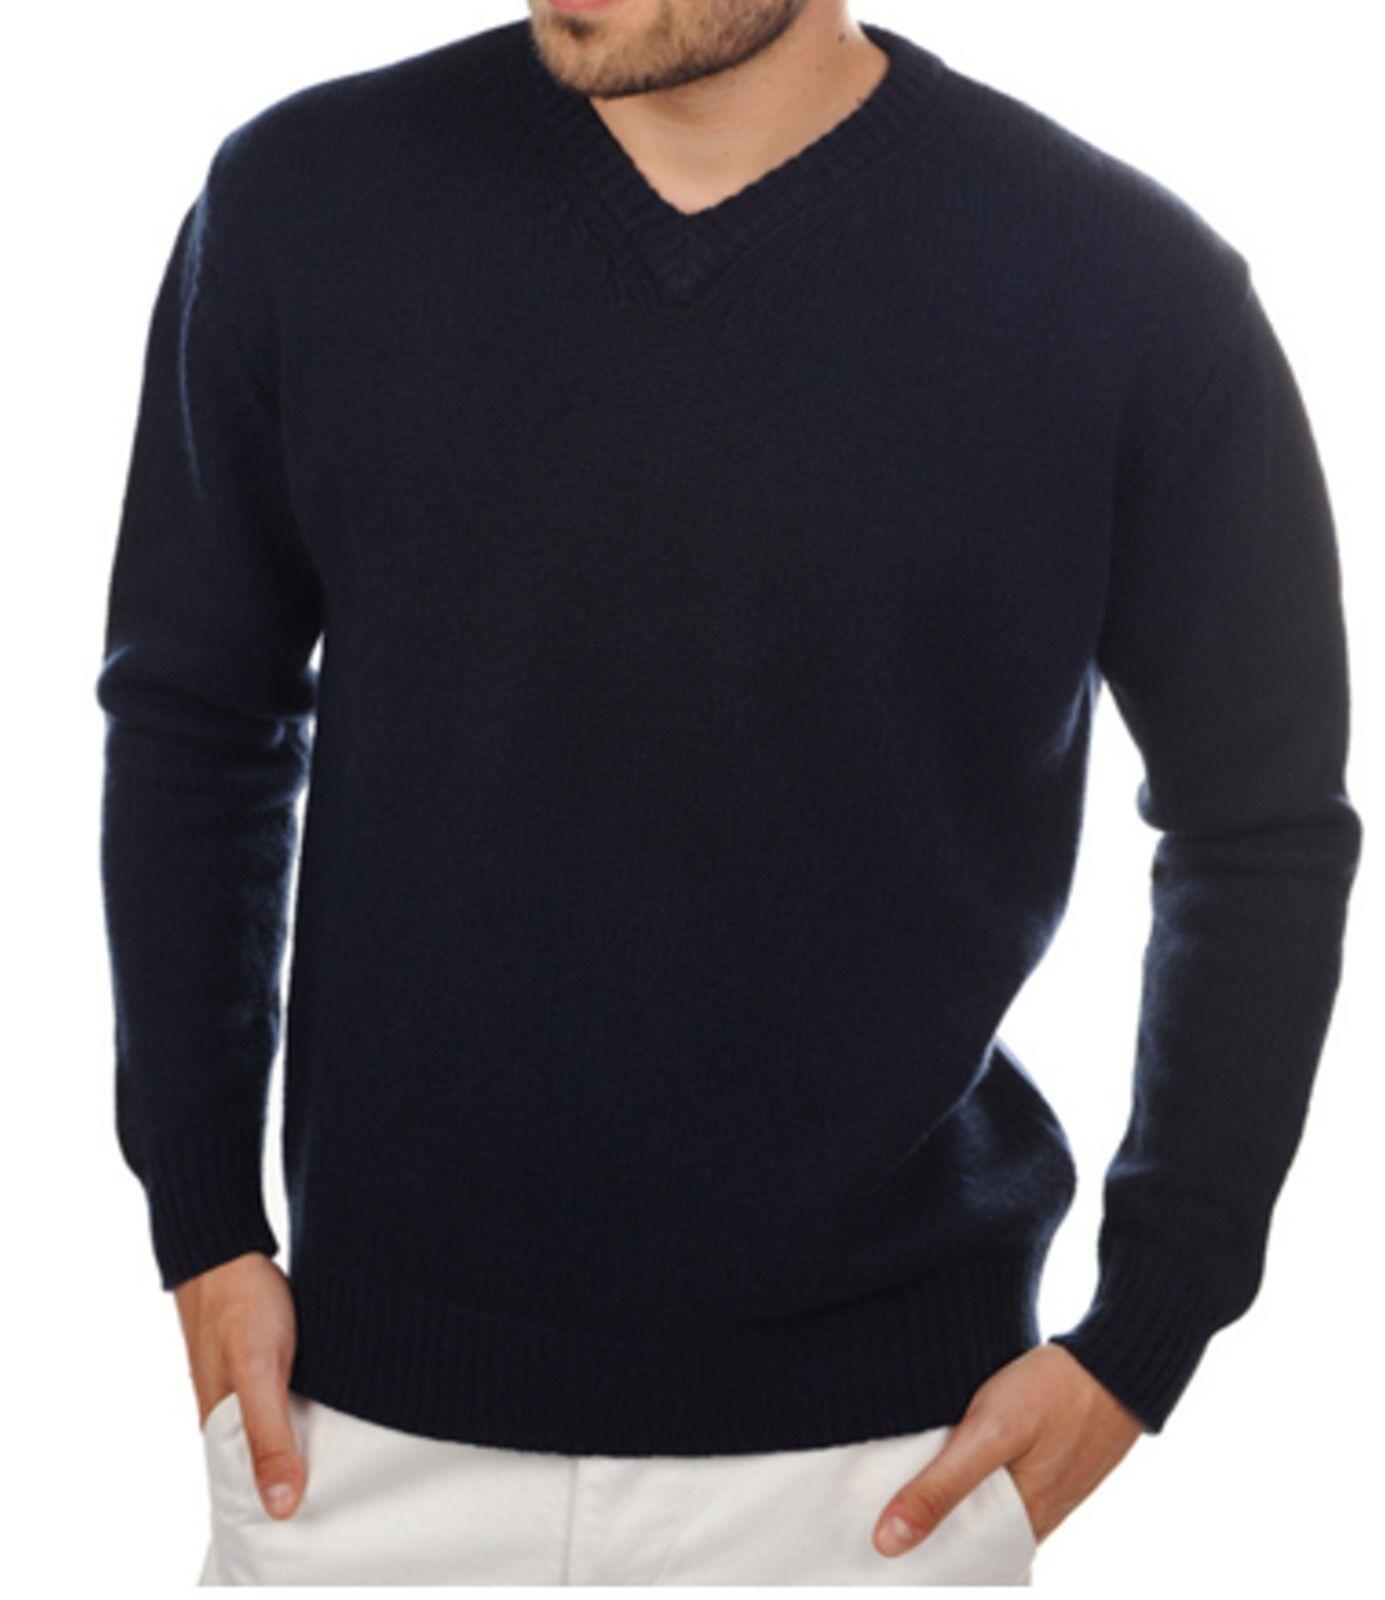 Balldiri 100% Cashmere Kaschmir Herren Pullover V Ausschnitt dunkelblau 8-fäd.XL